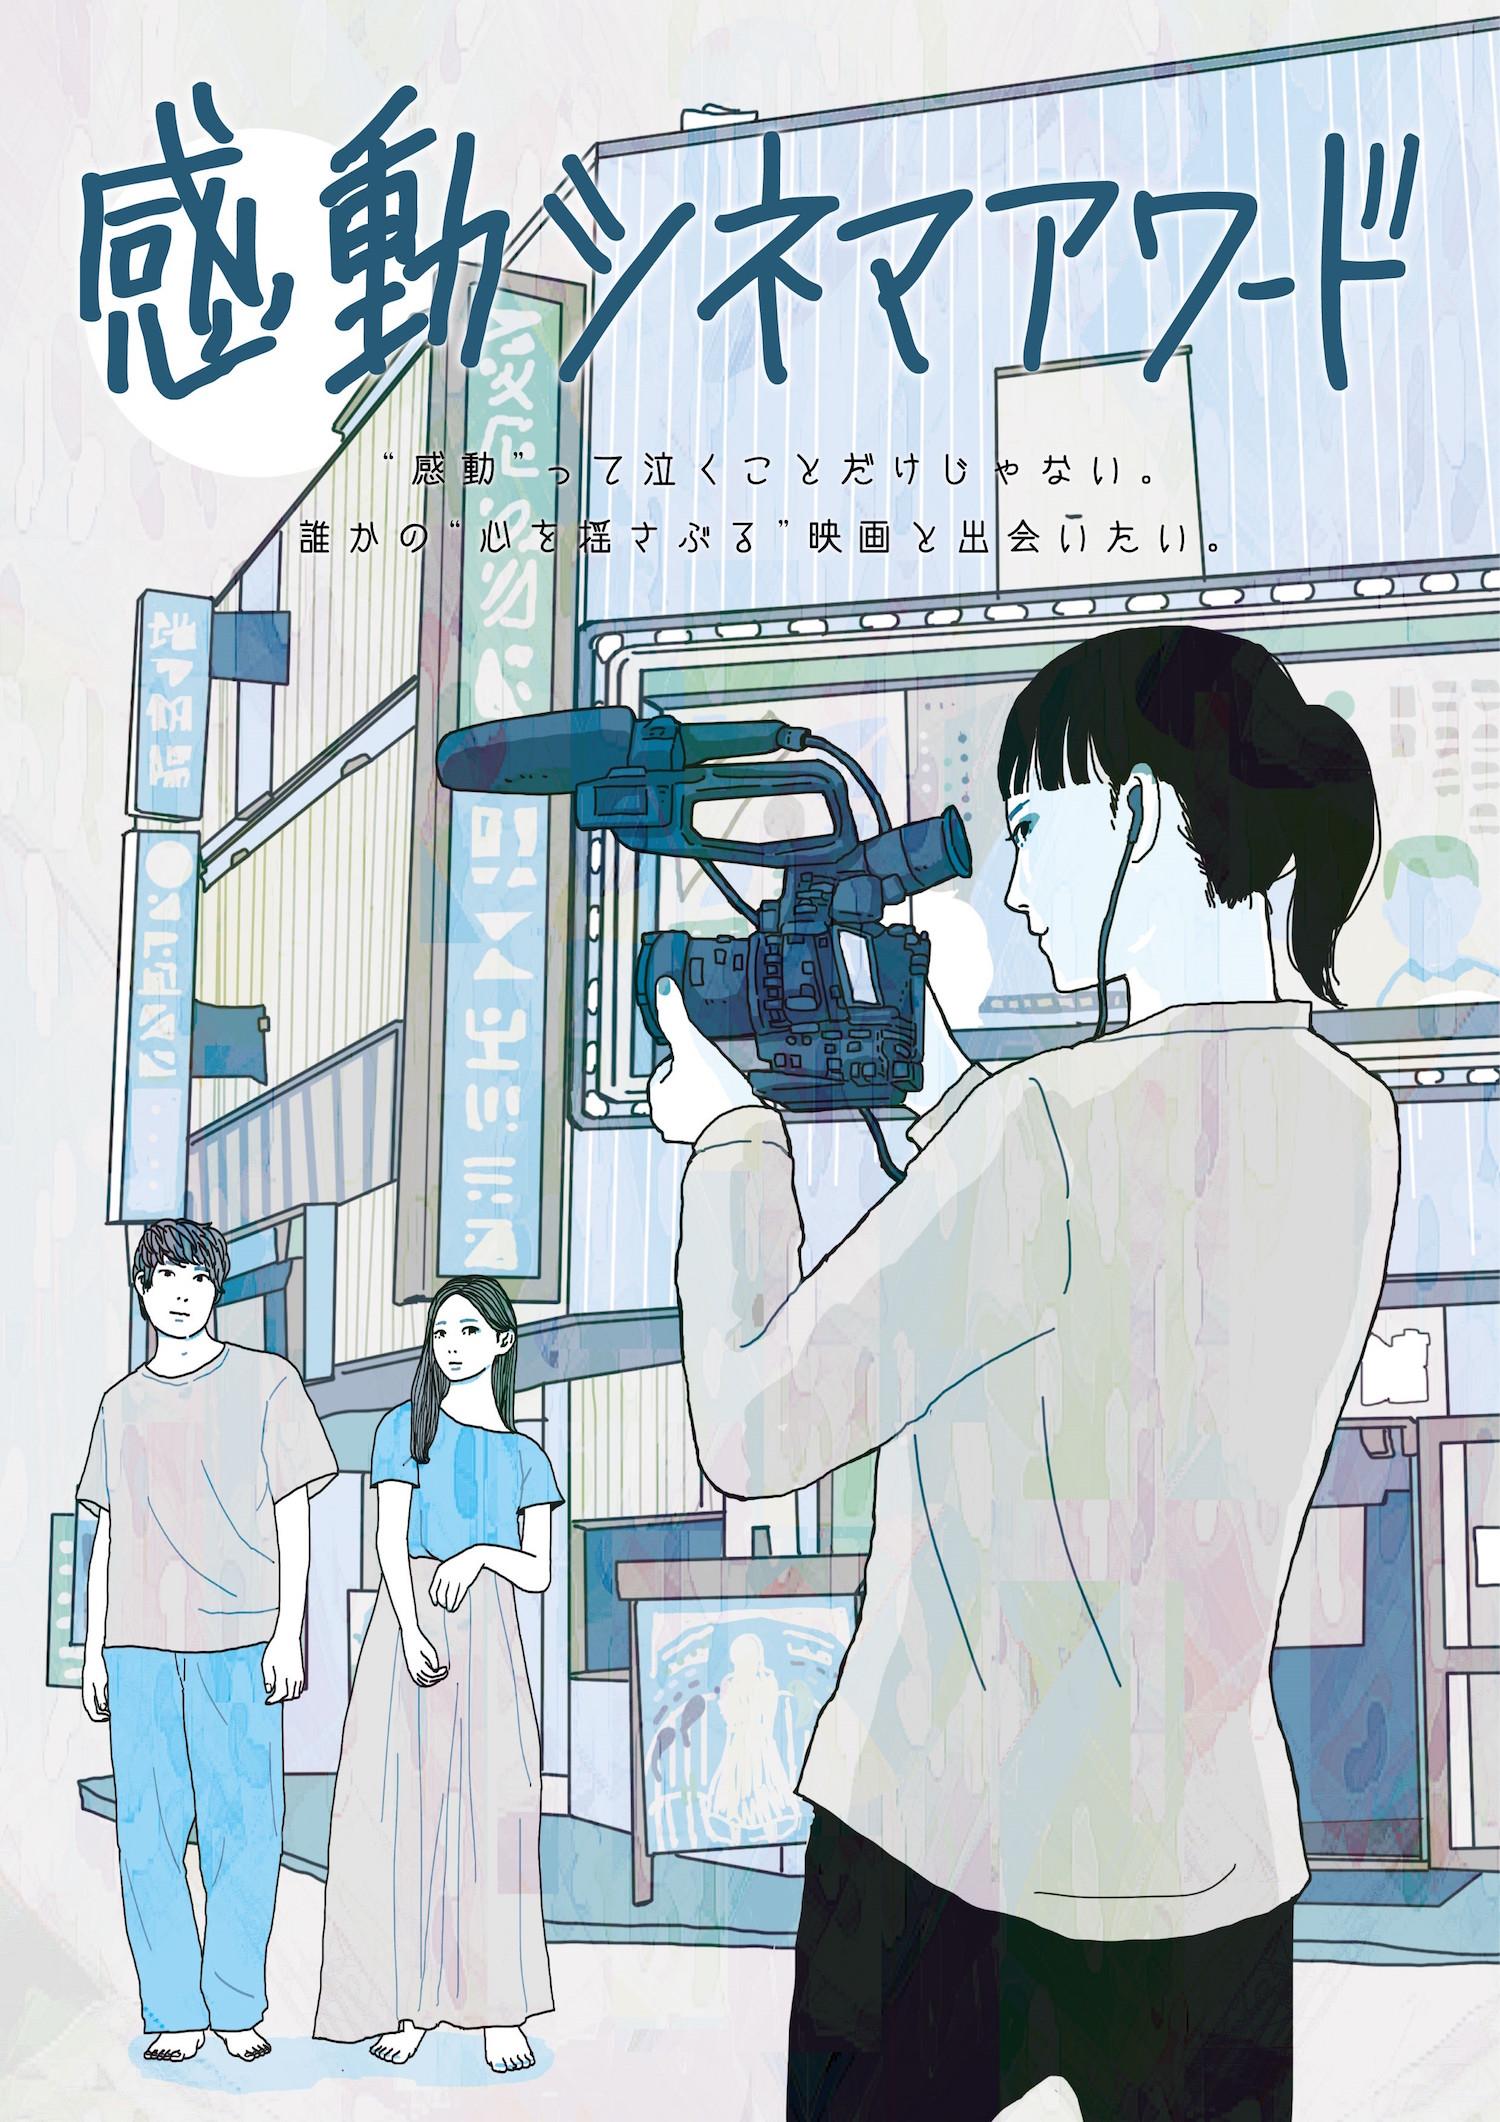 レプロエンタテインメントが、「映画をつくりたい人」を募集するプロジェクト『感動シネマアワード』